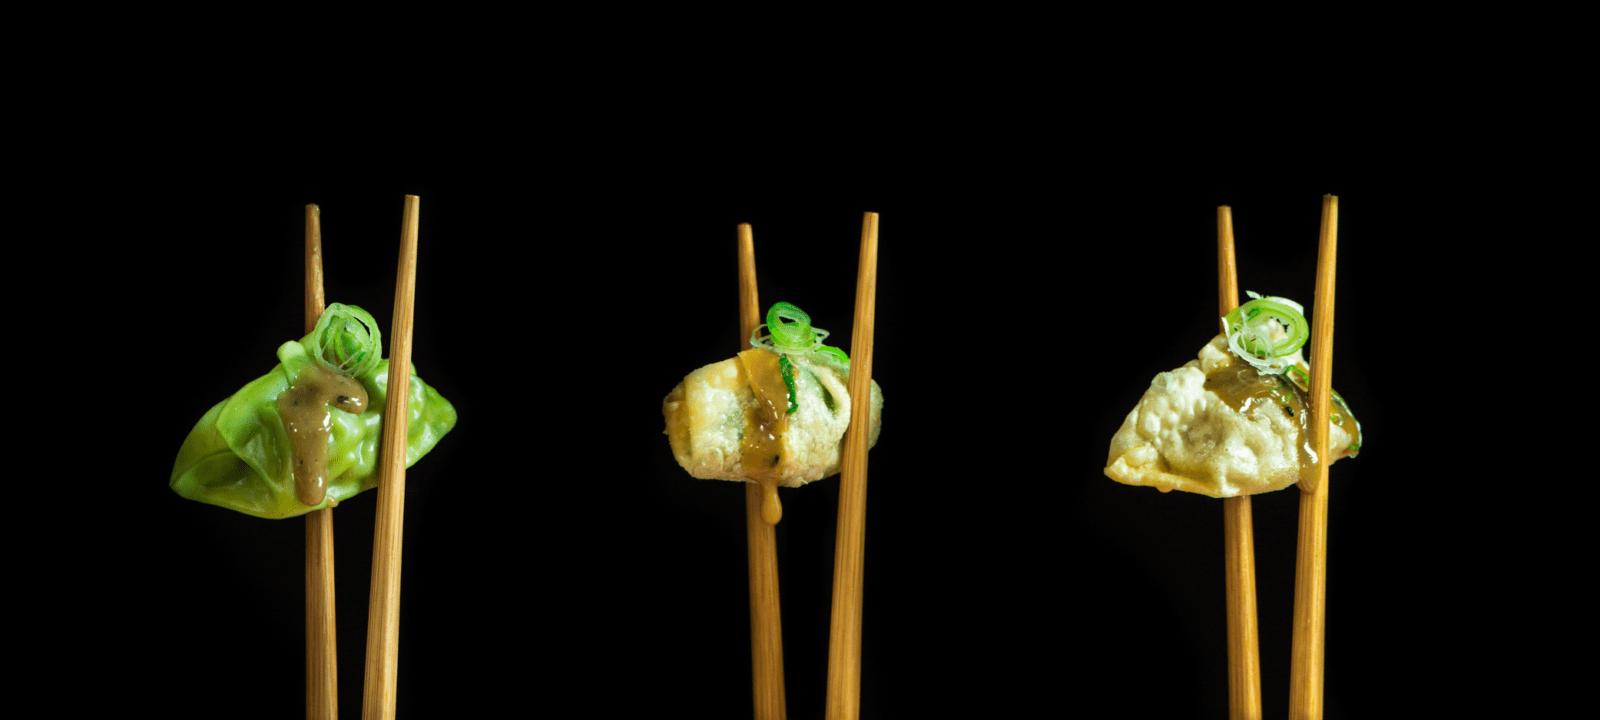 Gyozas, las empanadillas asiáticas que te hacen enloquecer